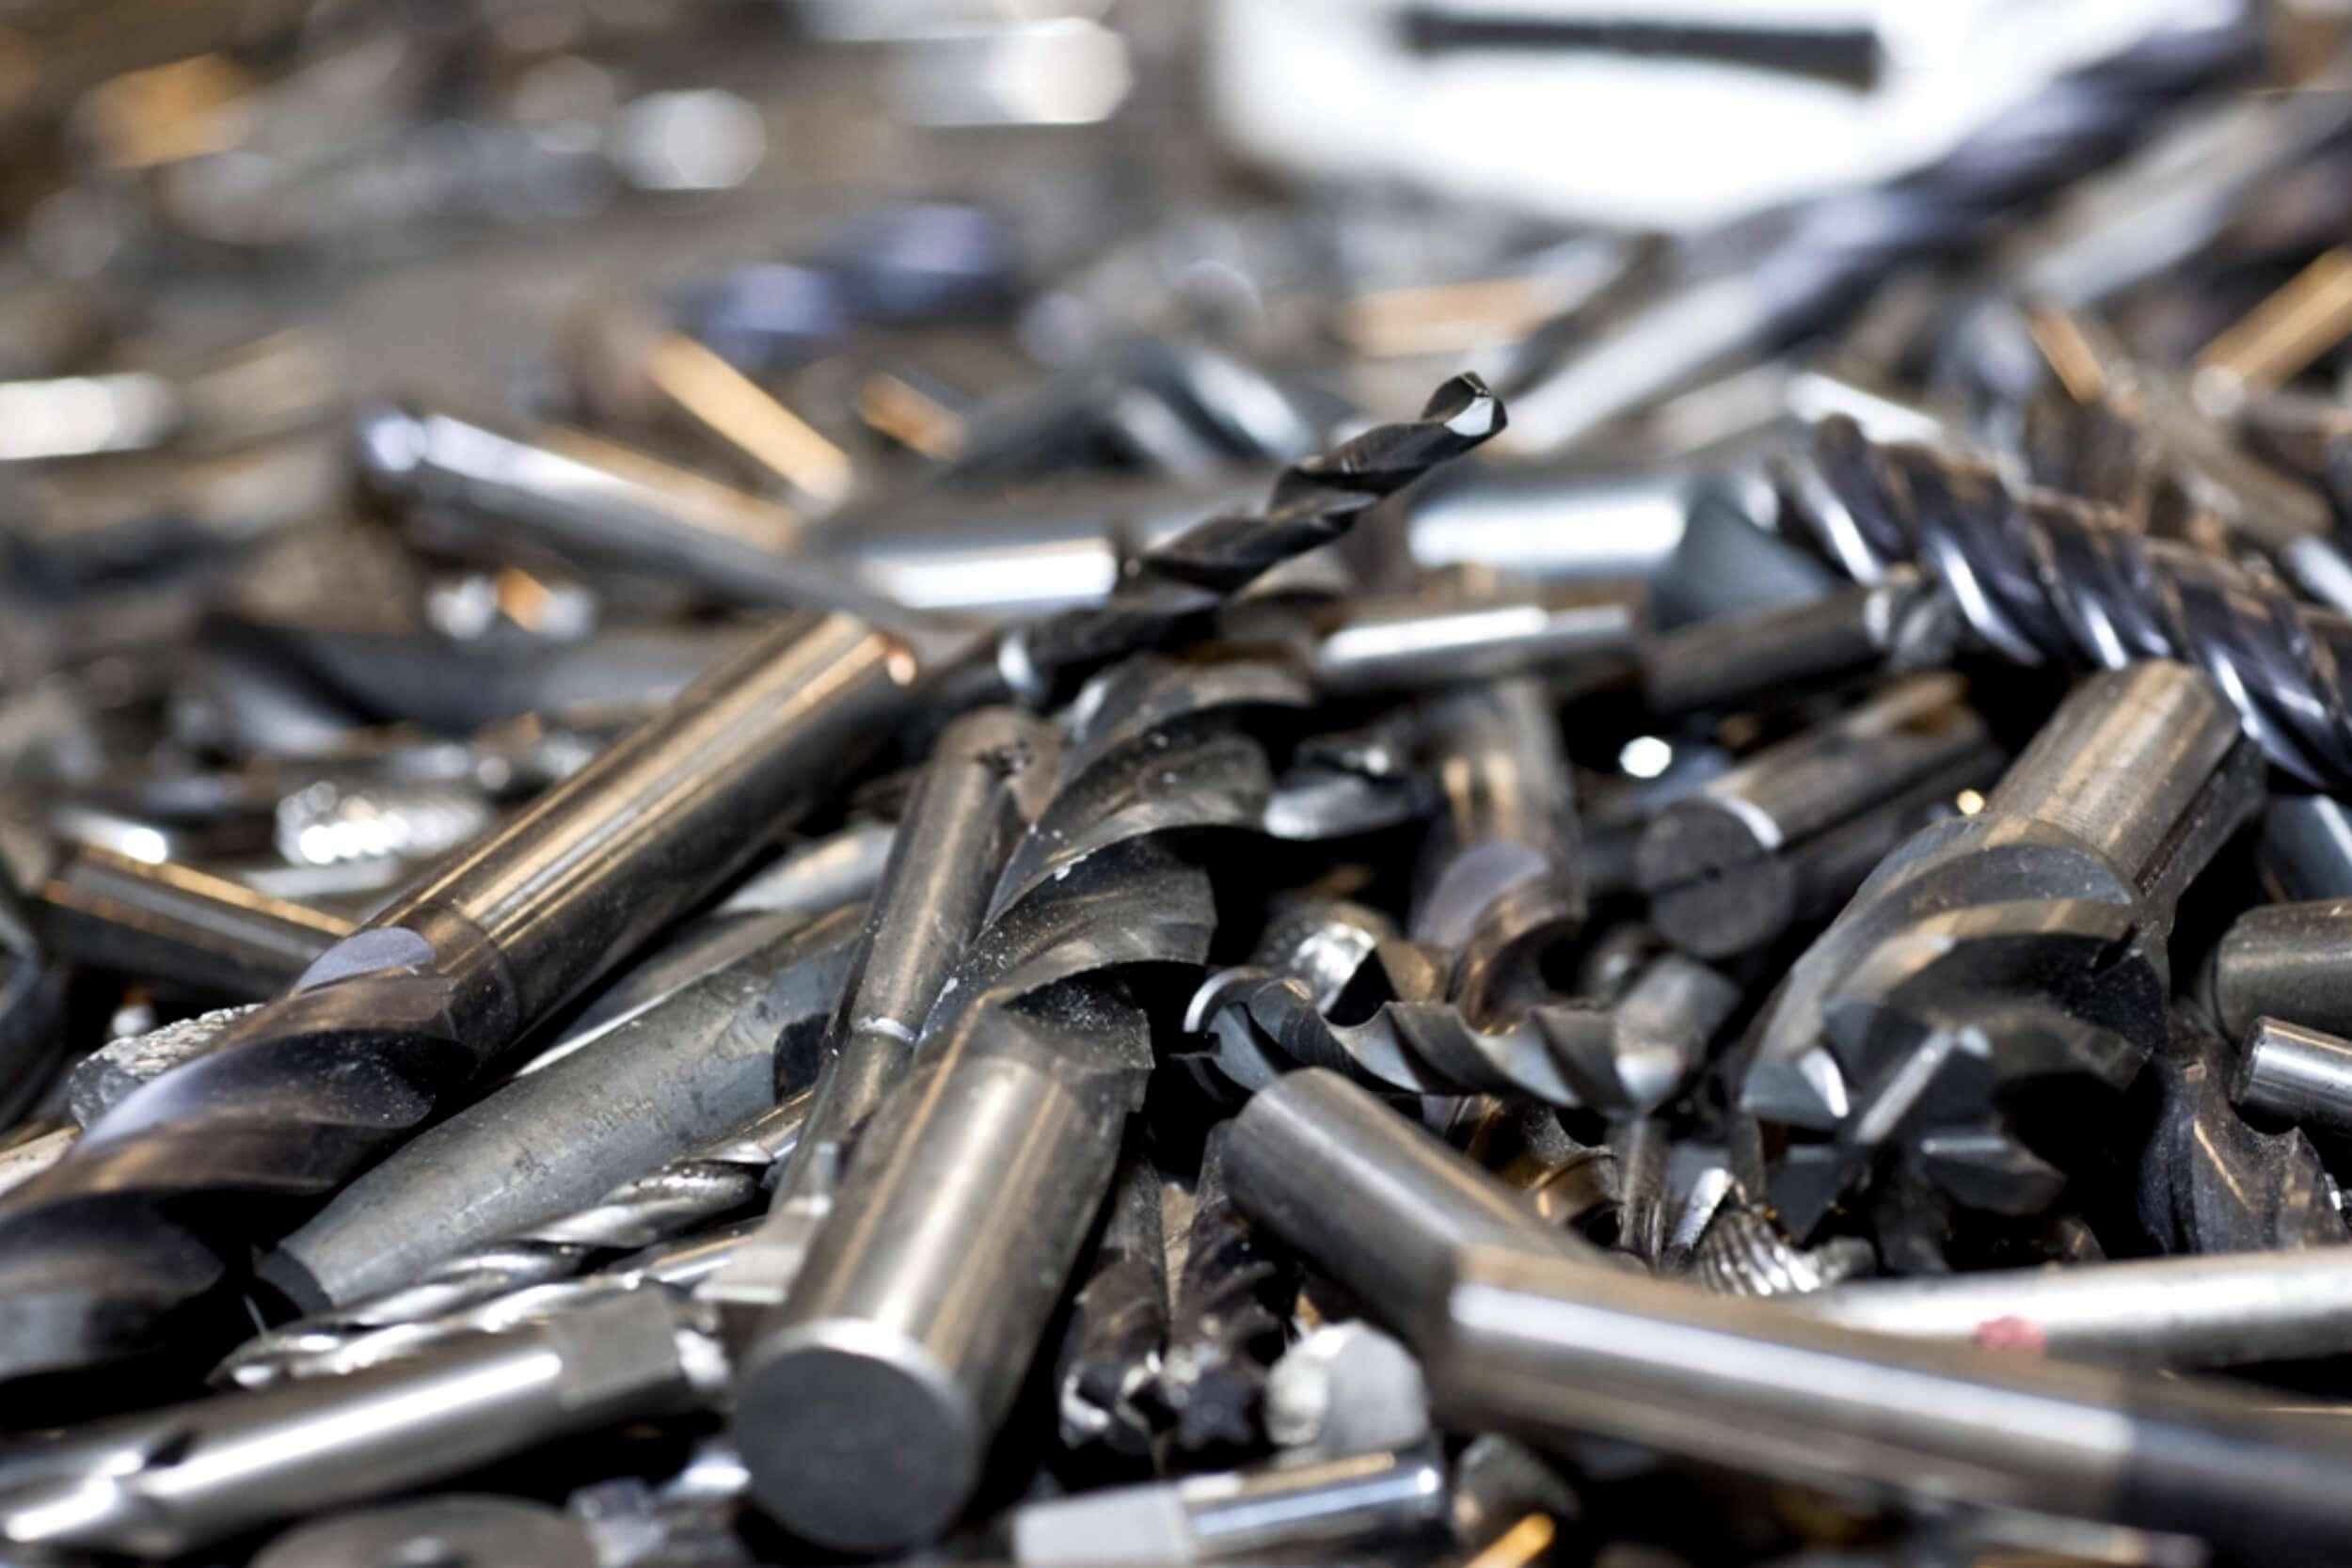 WM Metals & Alloys Pte Ltd